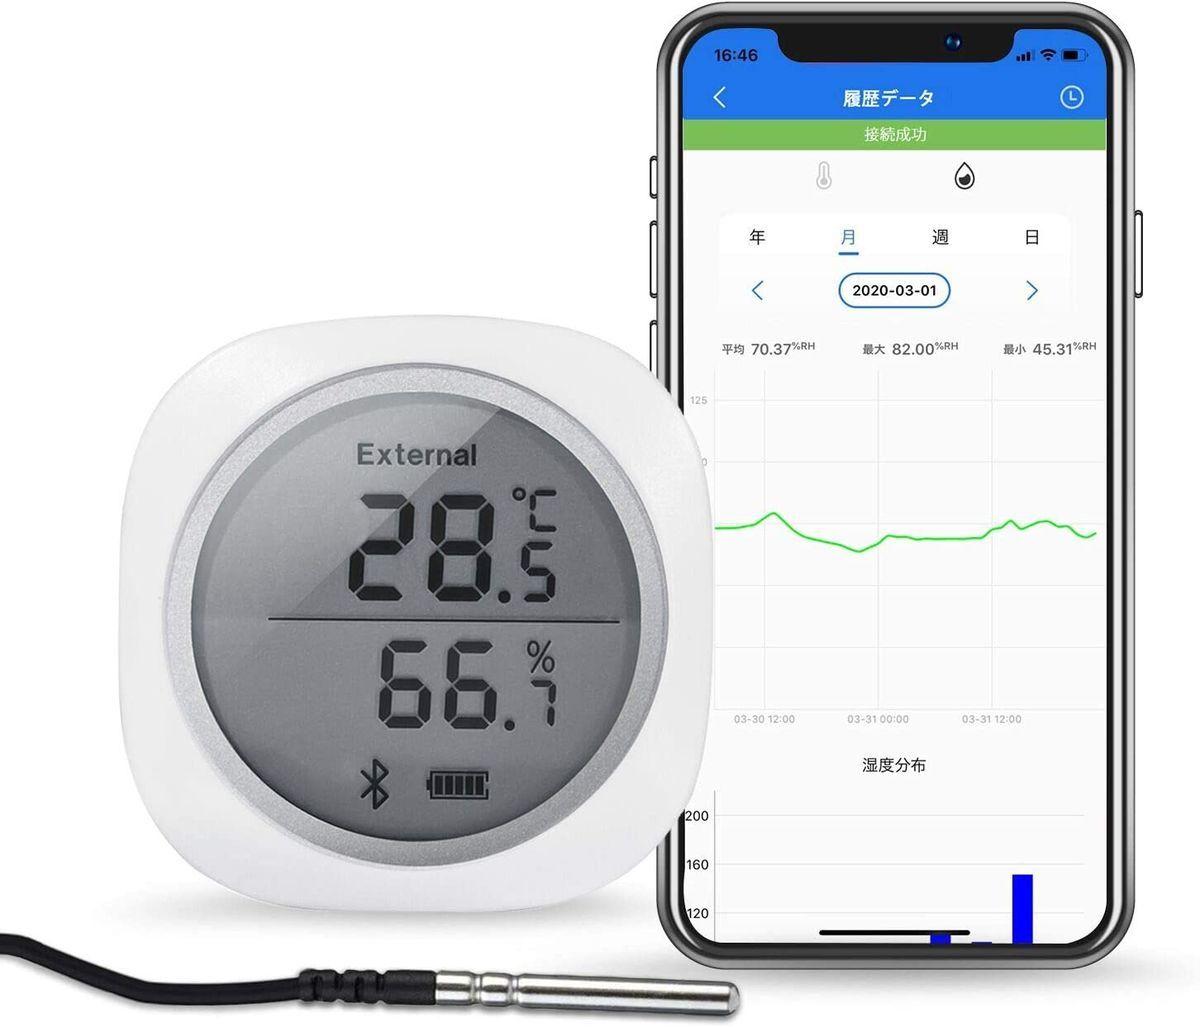 おすすめのBluetooth温湿度計『IBS-TH1プラス』